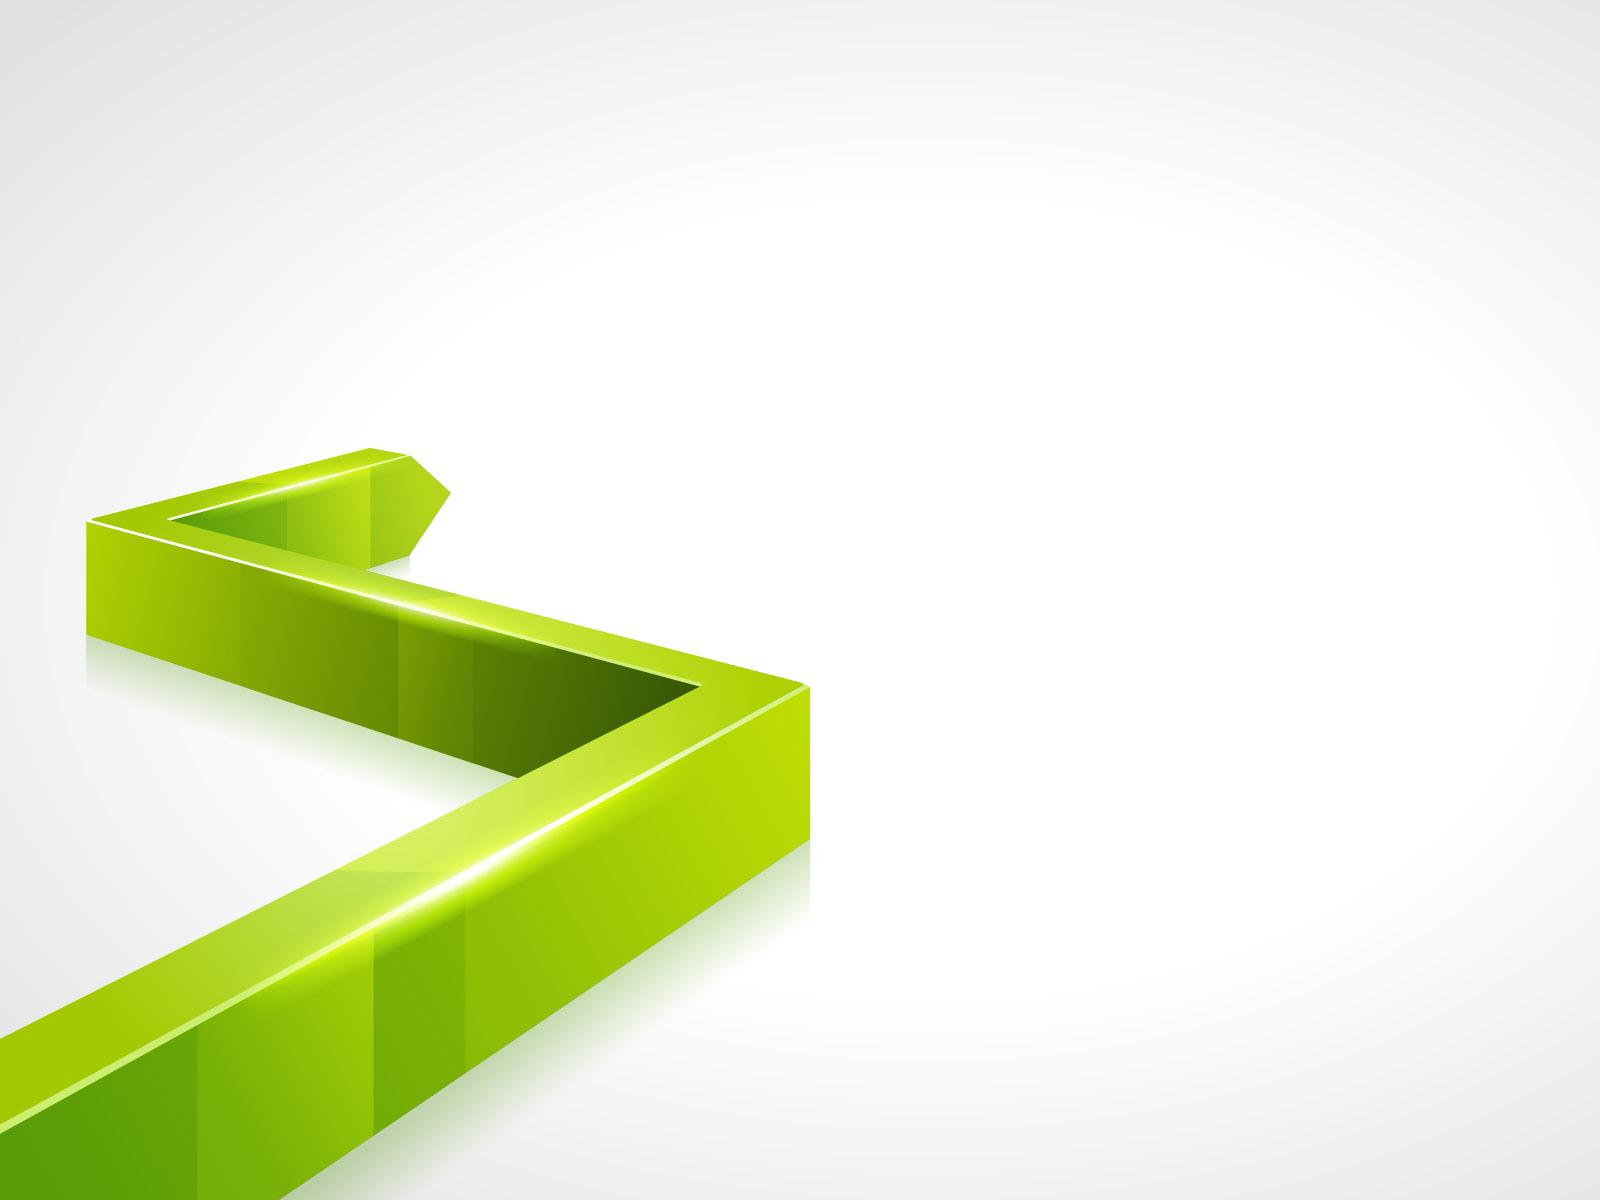 Hình nền Powerpoint 3d đường tăng trưởng đẹp